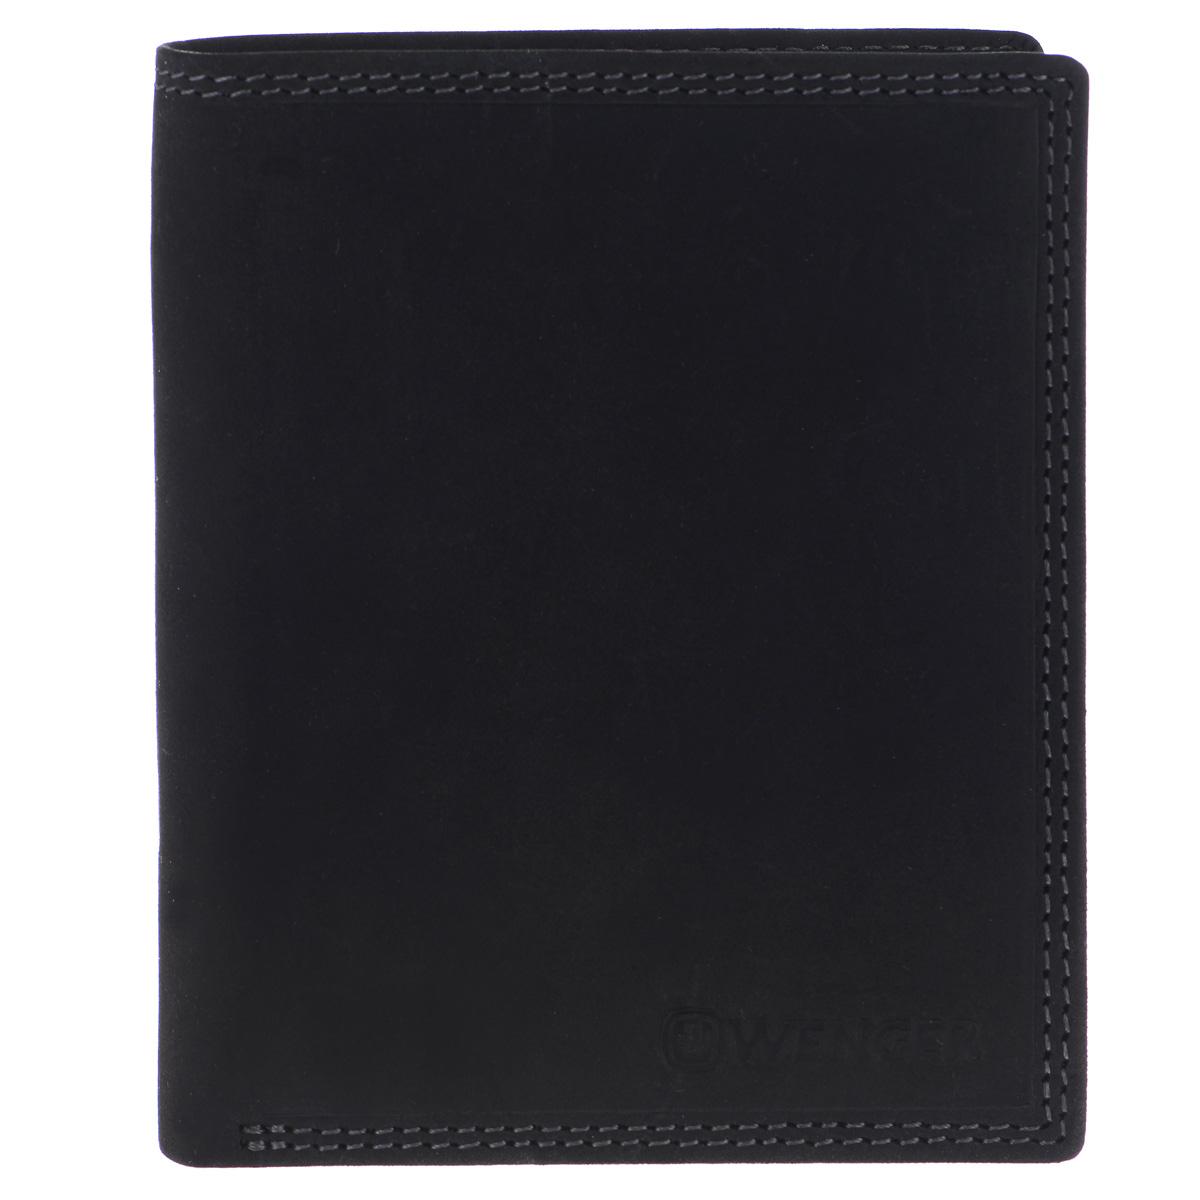 Портмоне мужское Wenger, цвет: черный. W5-02ICE 8508Стильное мужское портмоне Wenger изготовлено из натуральной кожи и оформлено тиснениями в виде названия и логотипа бренда на лицевой стороне. Внутри - два отделения для купюр, отсек для мелочи на замке-кнопке, боковой карман и врезной карман на застежке-молнии. Изюминкой модели является то, что часть отсеков портмоне закрыто хлястиком на кнопку: три боковых кармана, сетчатый карман и восемь прорезей для визиток и кредитных карт.Портмоне упаковано в изысканную фирменную коробку.Модное портмоне Wenger не оставит равнодушным истинного ценителя прекрасного.По всем вопросам гарантийного и постгарантийного обслуживания рюкзаков, чемоданов, спортивных и кожаных сумок, а также портмоне марок Wenger и SwissGear вы можете обратиться в сервис-центр, расположенный по адресу: г. Москва, Саввинская набережная, д.3. Тел: (495) 788-39-96, (499) 248-56-56, ежедневно с 9:00 до 21:00. Подробные условия гарантийного обслуживания приведены в гарантийном талоне, поставляемым в комплекте с каждым изделием. Бесплатный ремонт изделий производится при условии предоставления гарантийного талона и товарного/кассового чека, подтверждающего дату покупки.